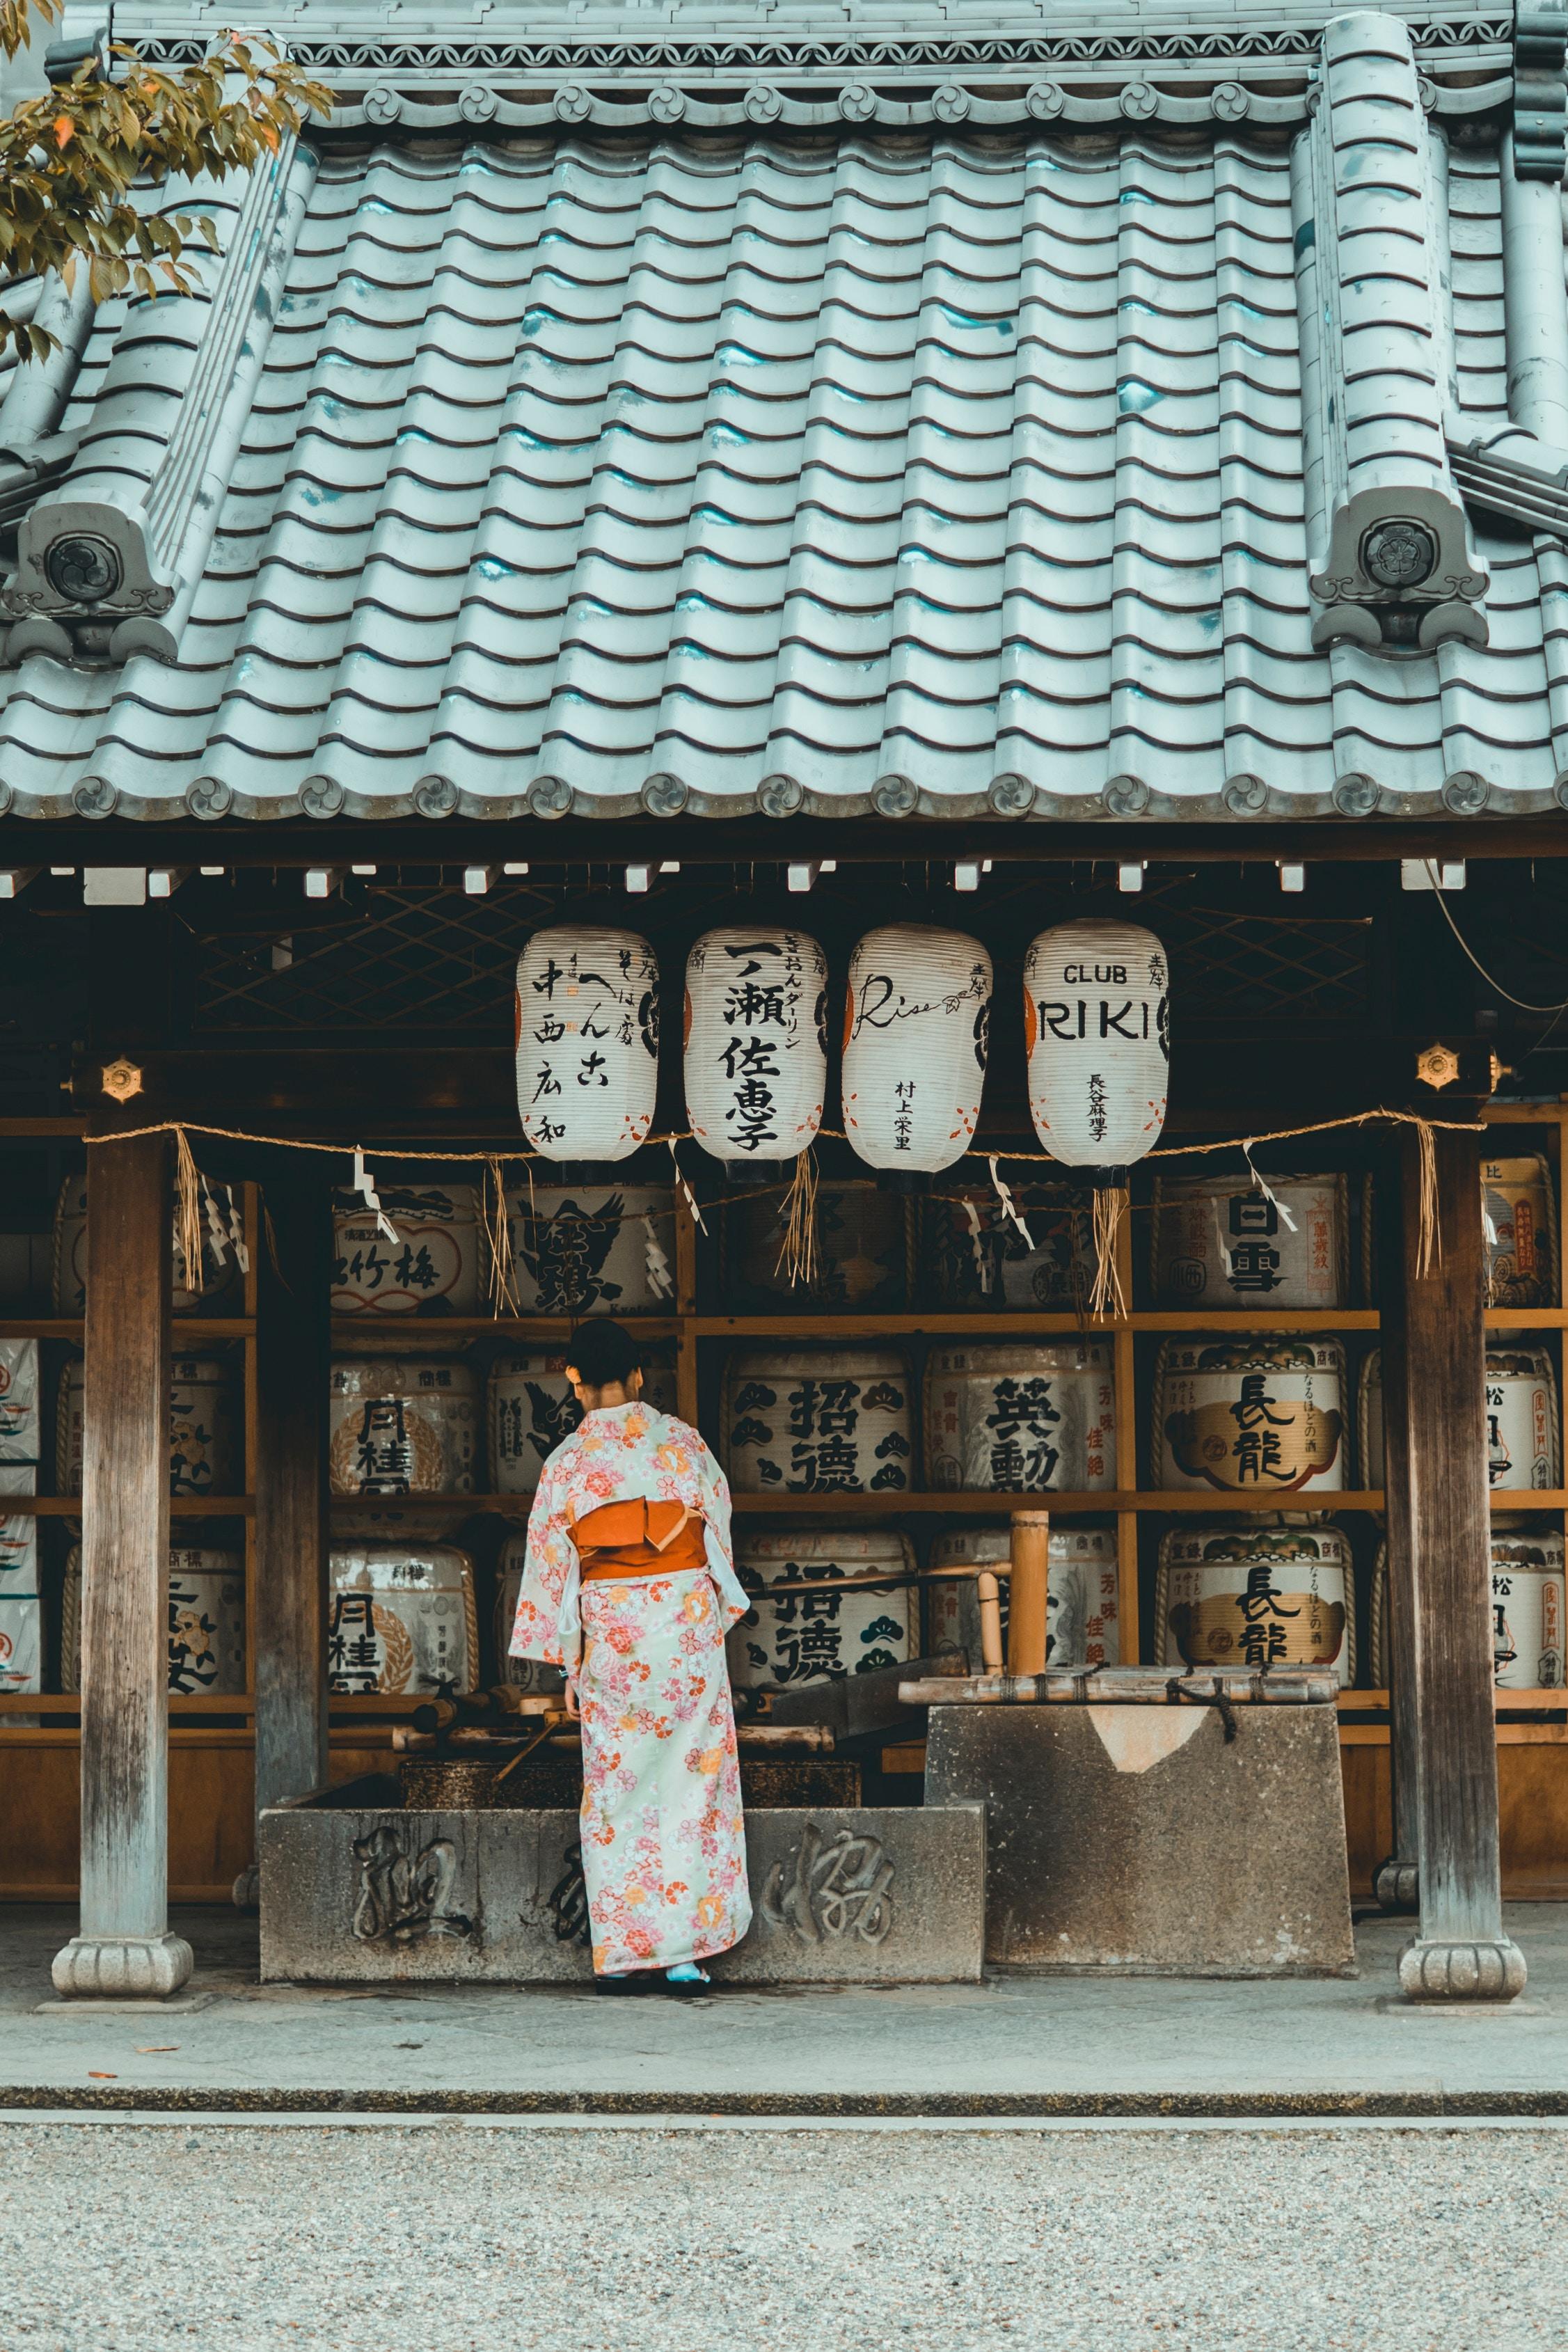 Japanese woman at shrine